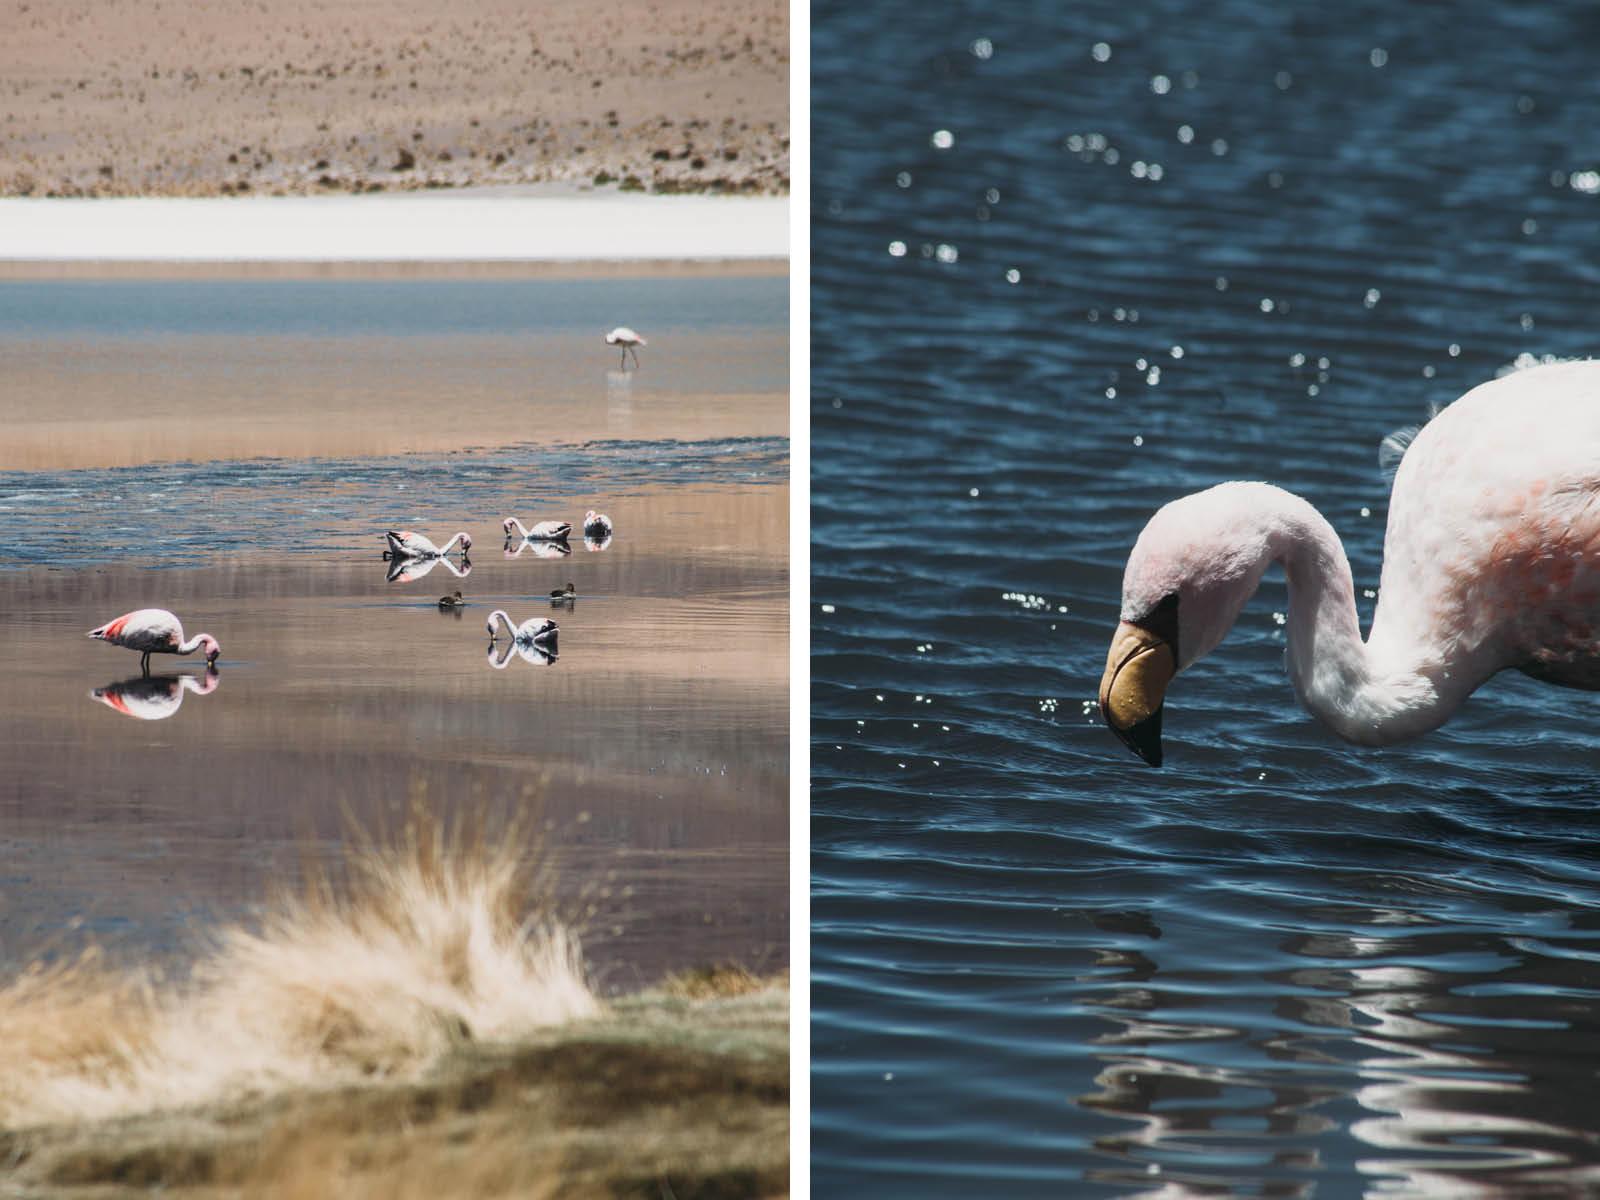 Evabloem-Salar-de-Uyuni_Bolivia-000112.jpg